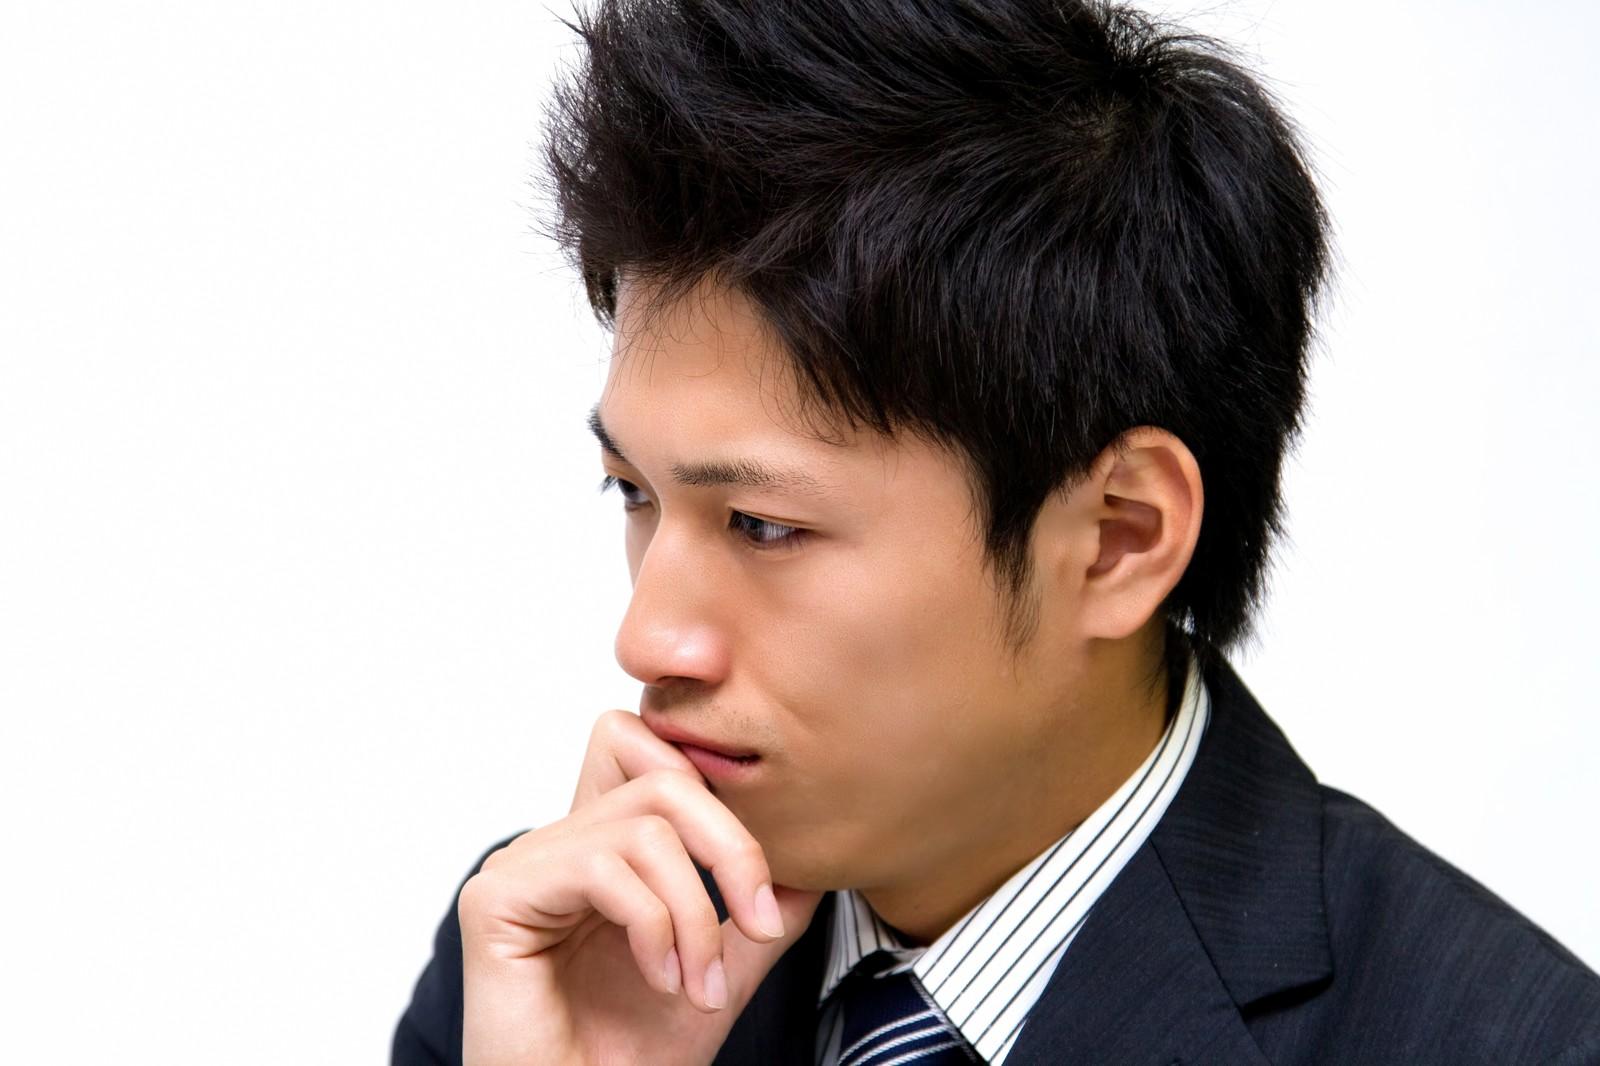 優秀な人材が会社を辞める理由や、辞める時の注意点